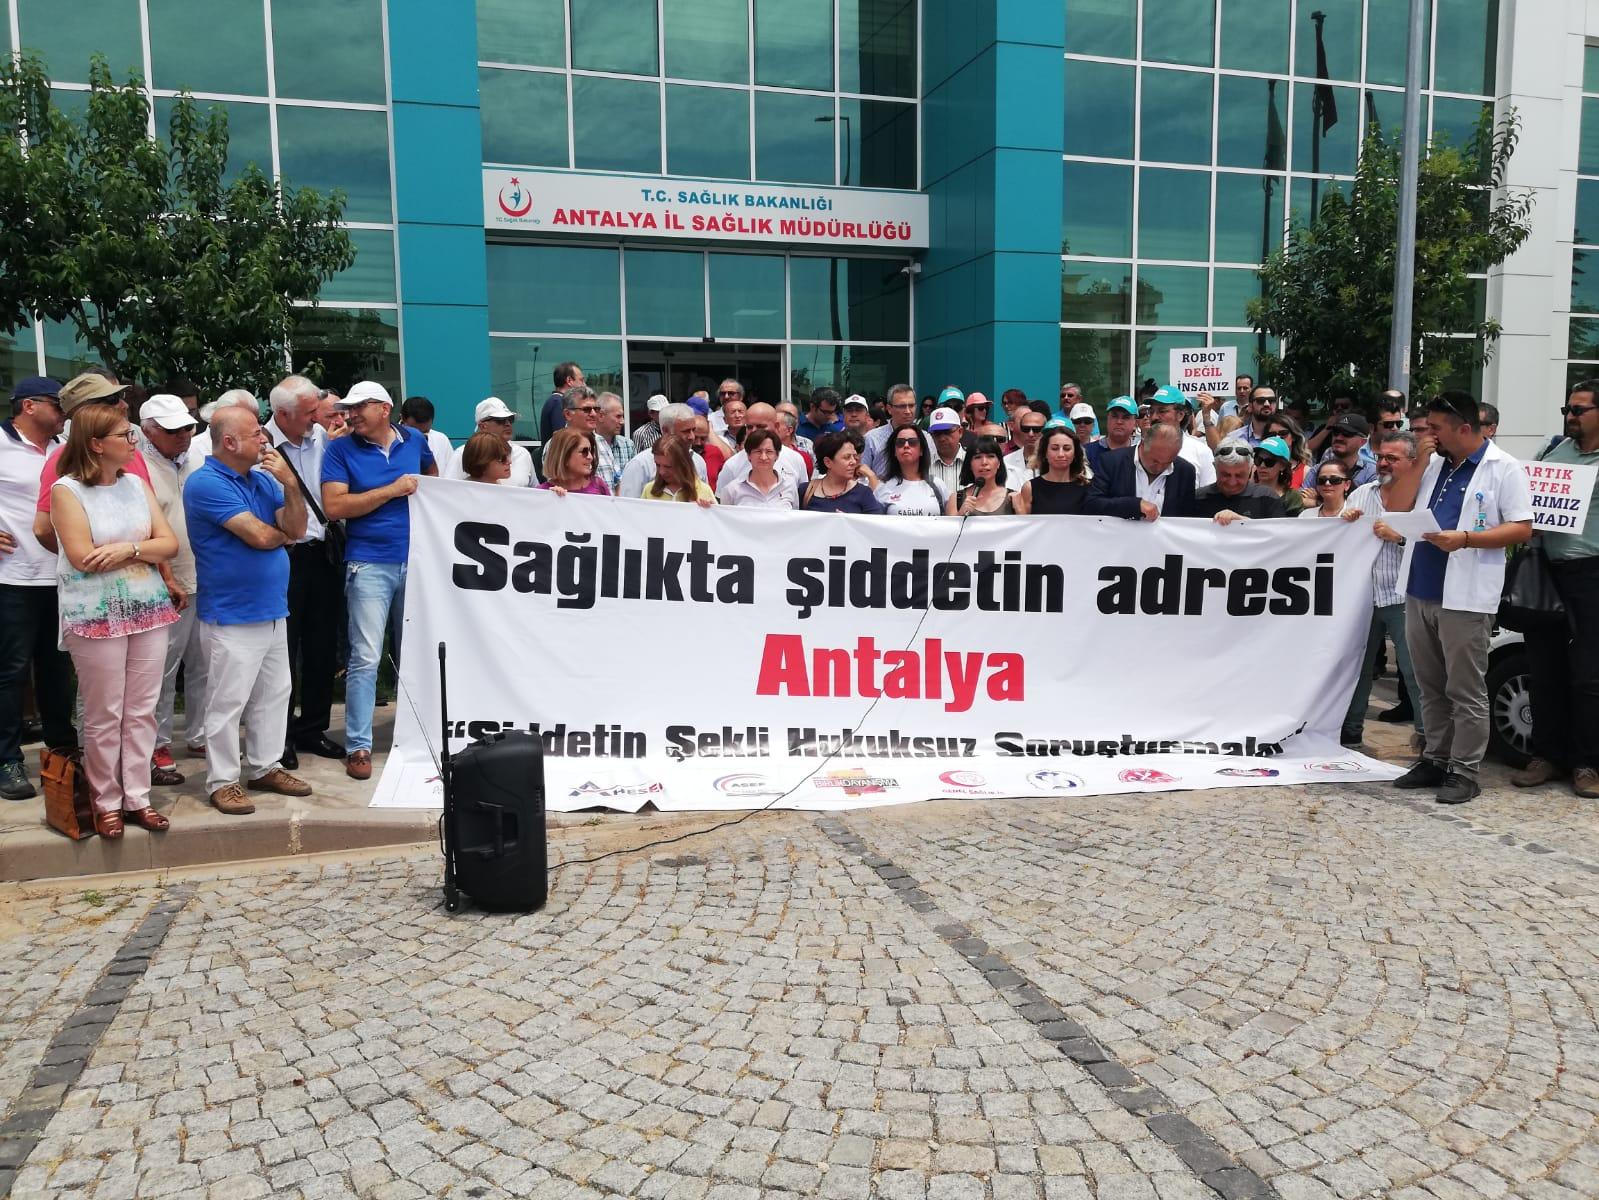 Antalya'da 104 Sağlık Çalışanına Yönelik Soruşturma Protesto Edildi